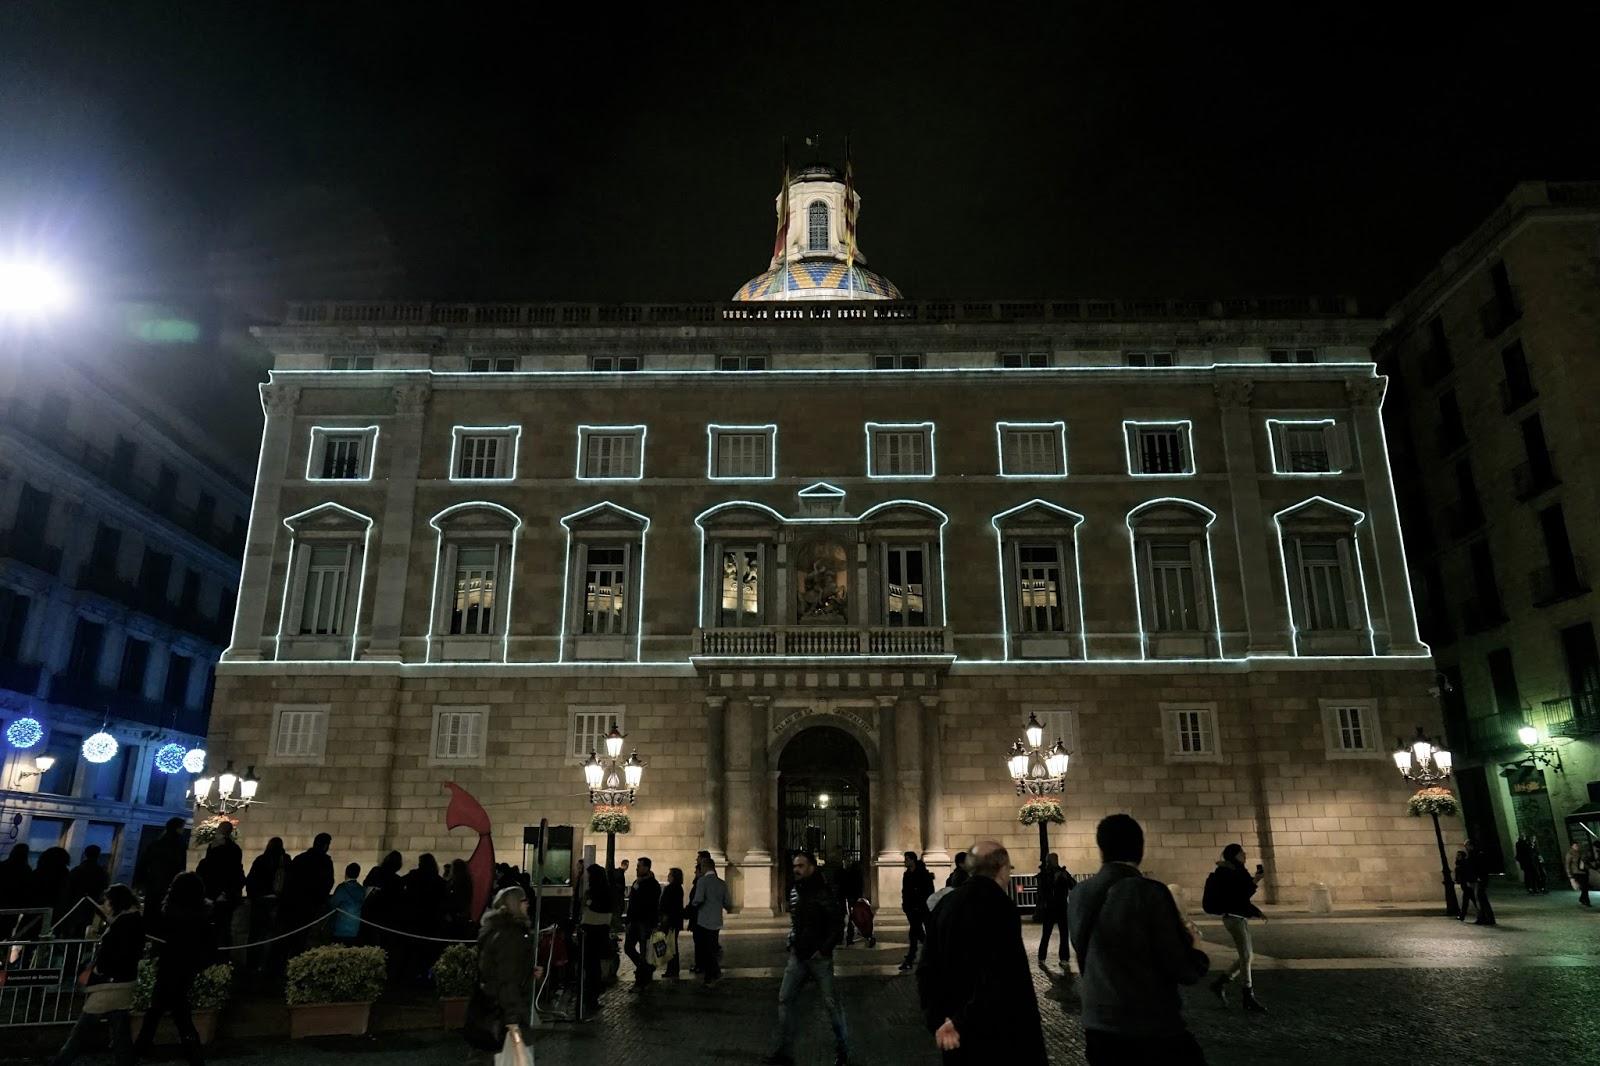 夜のカタルーニャ自治州庁舎